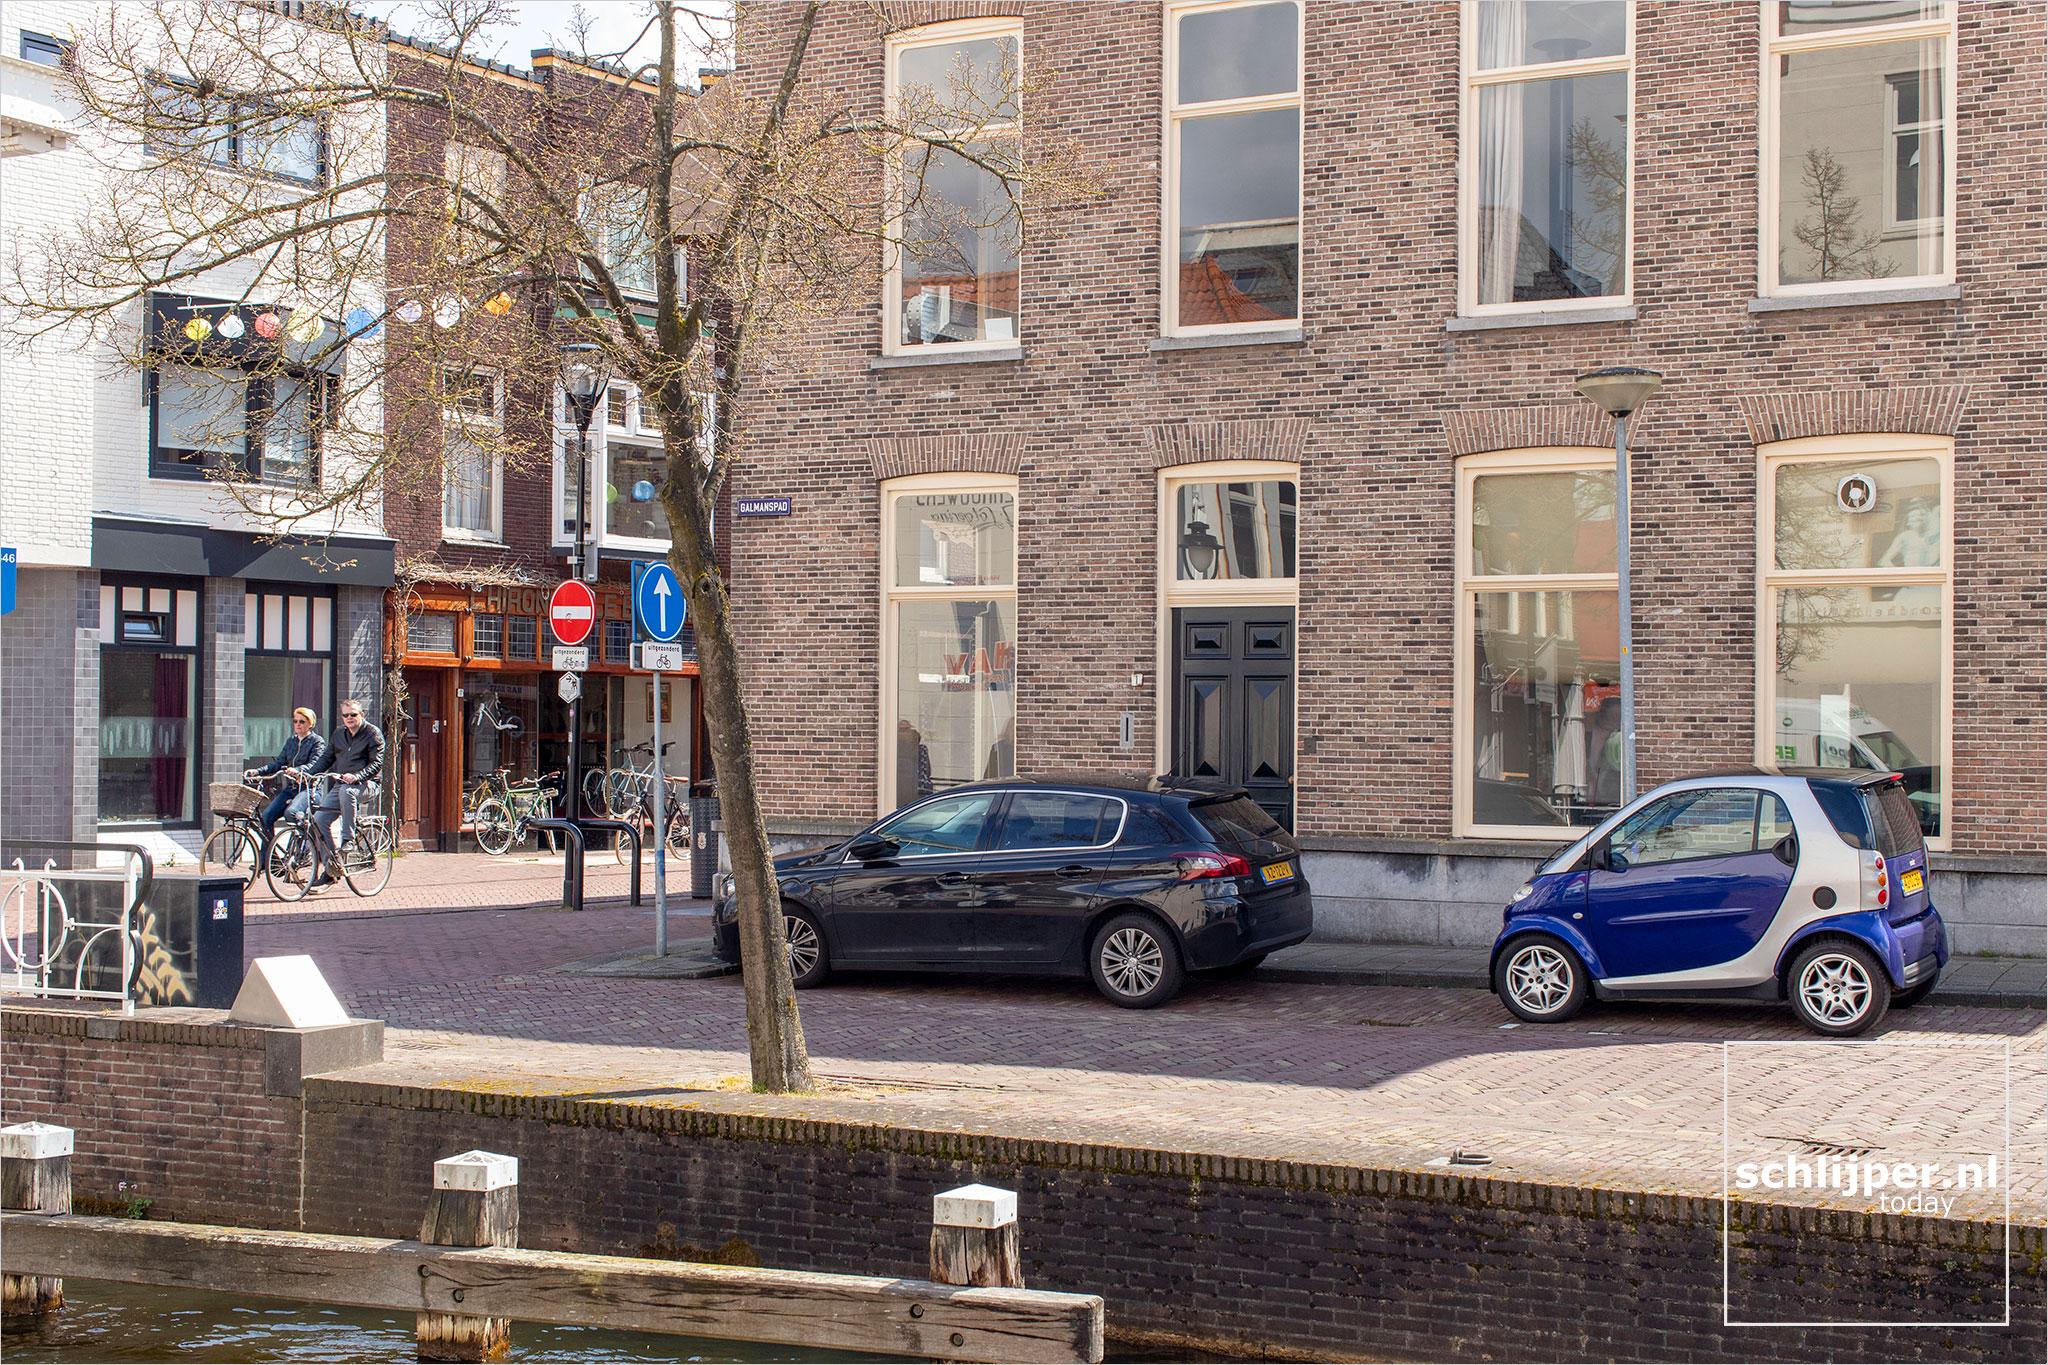 The Netherlands, Meppel, 1 mei 2021